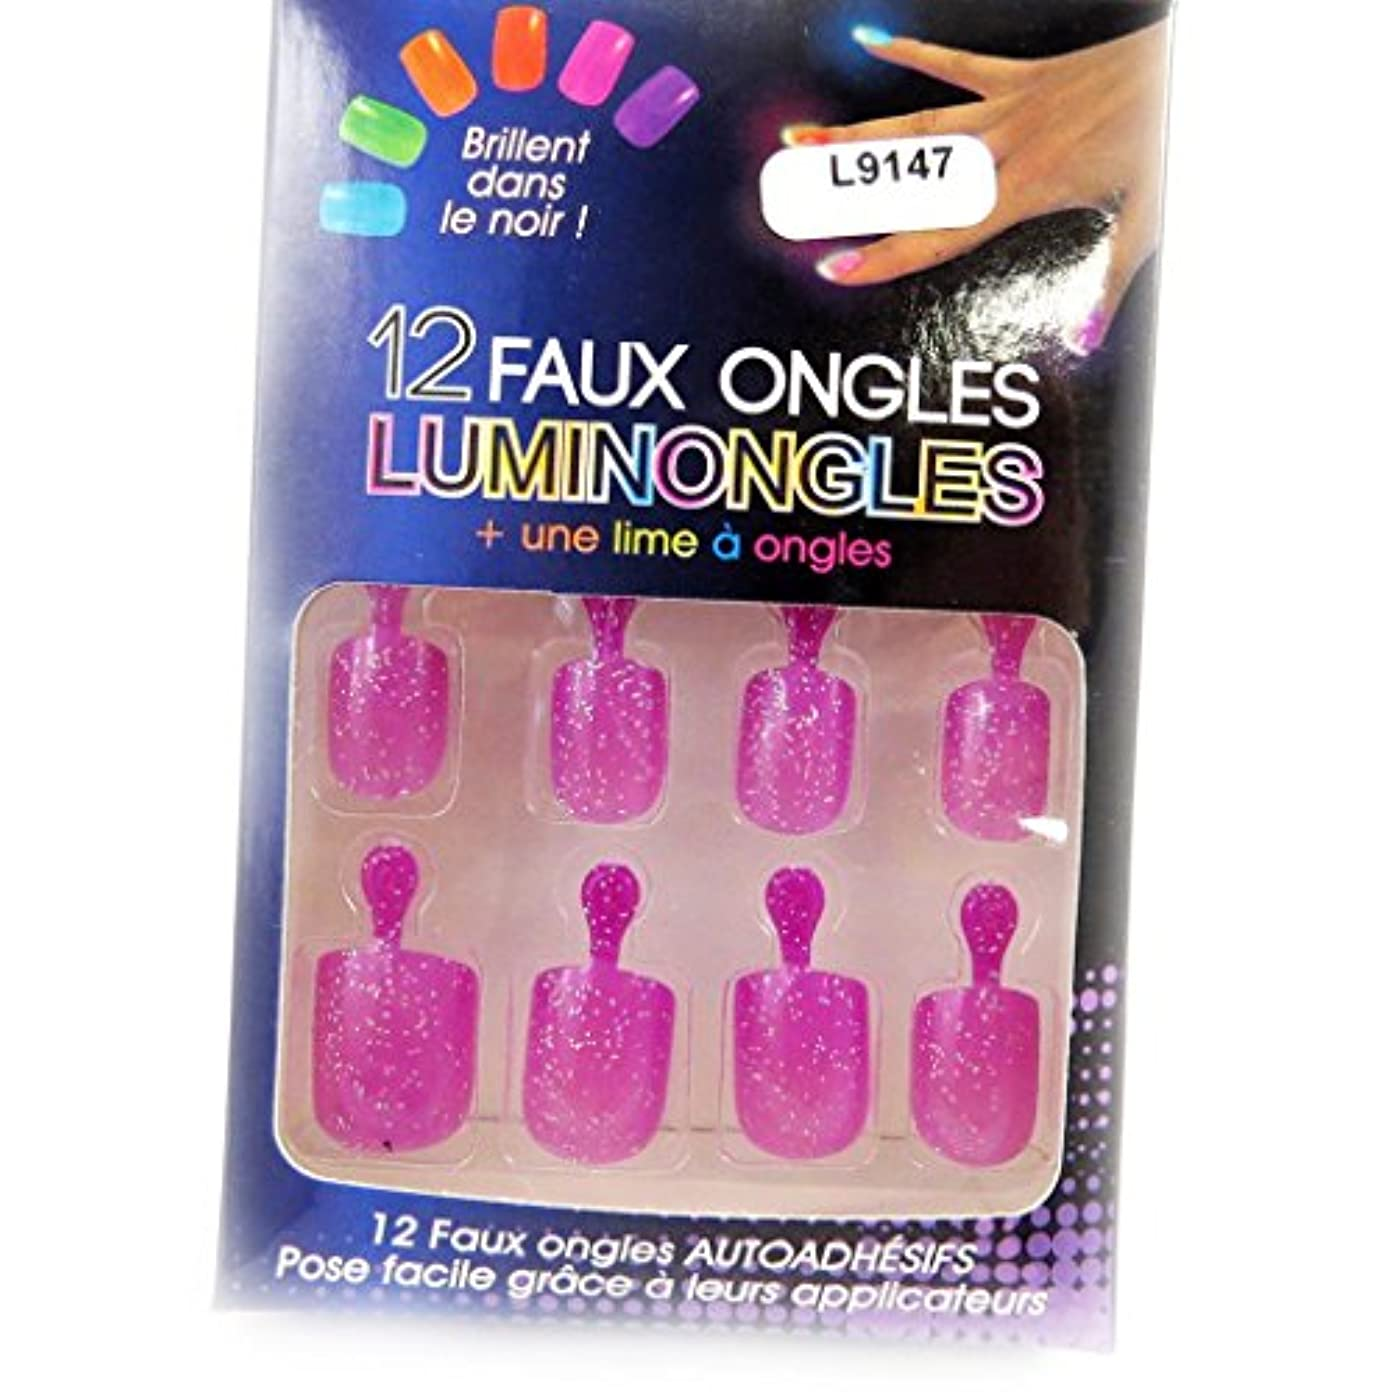 傑出したシリーズ泣き叫ぶ[リリーの宝 (Les Tresors De Lily)] (Luminongles コレクション) [L9147] アクリルスカルプチュア ピンク